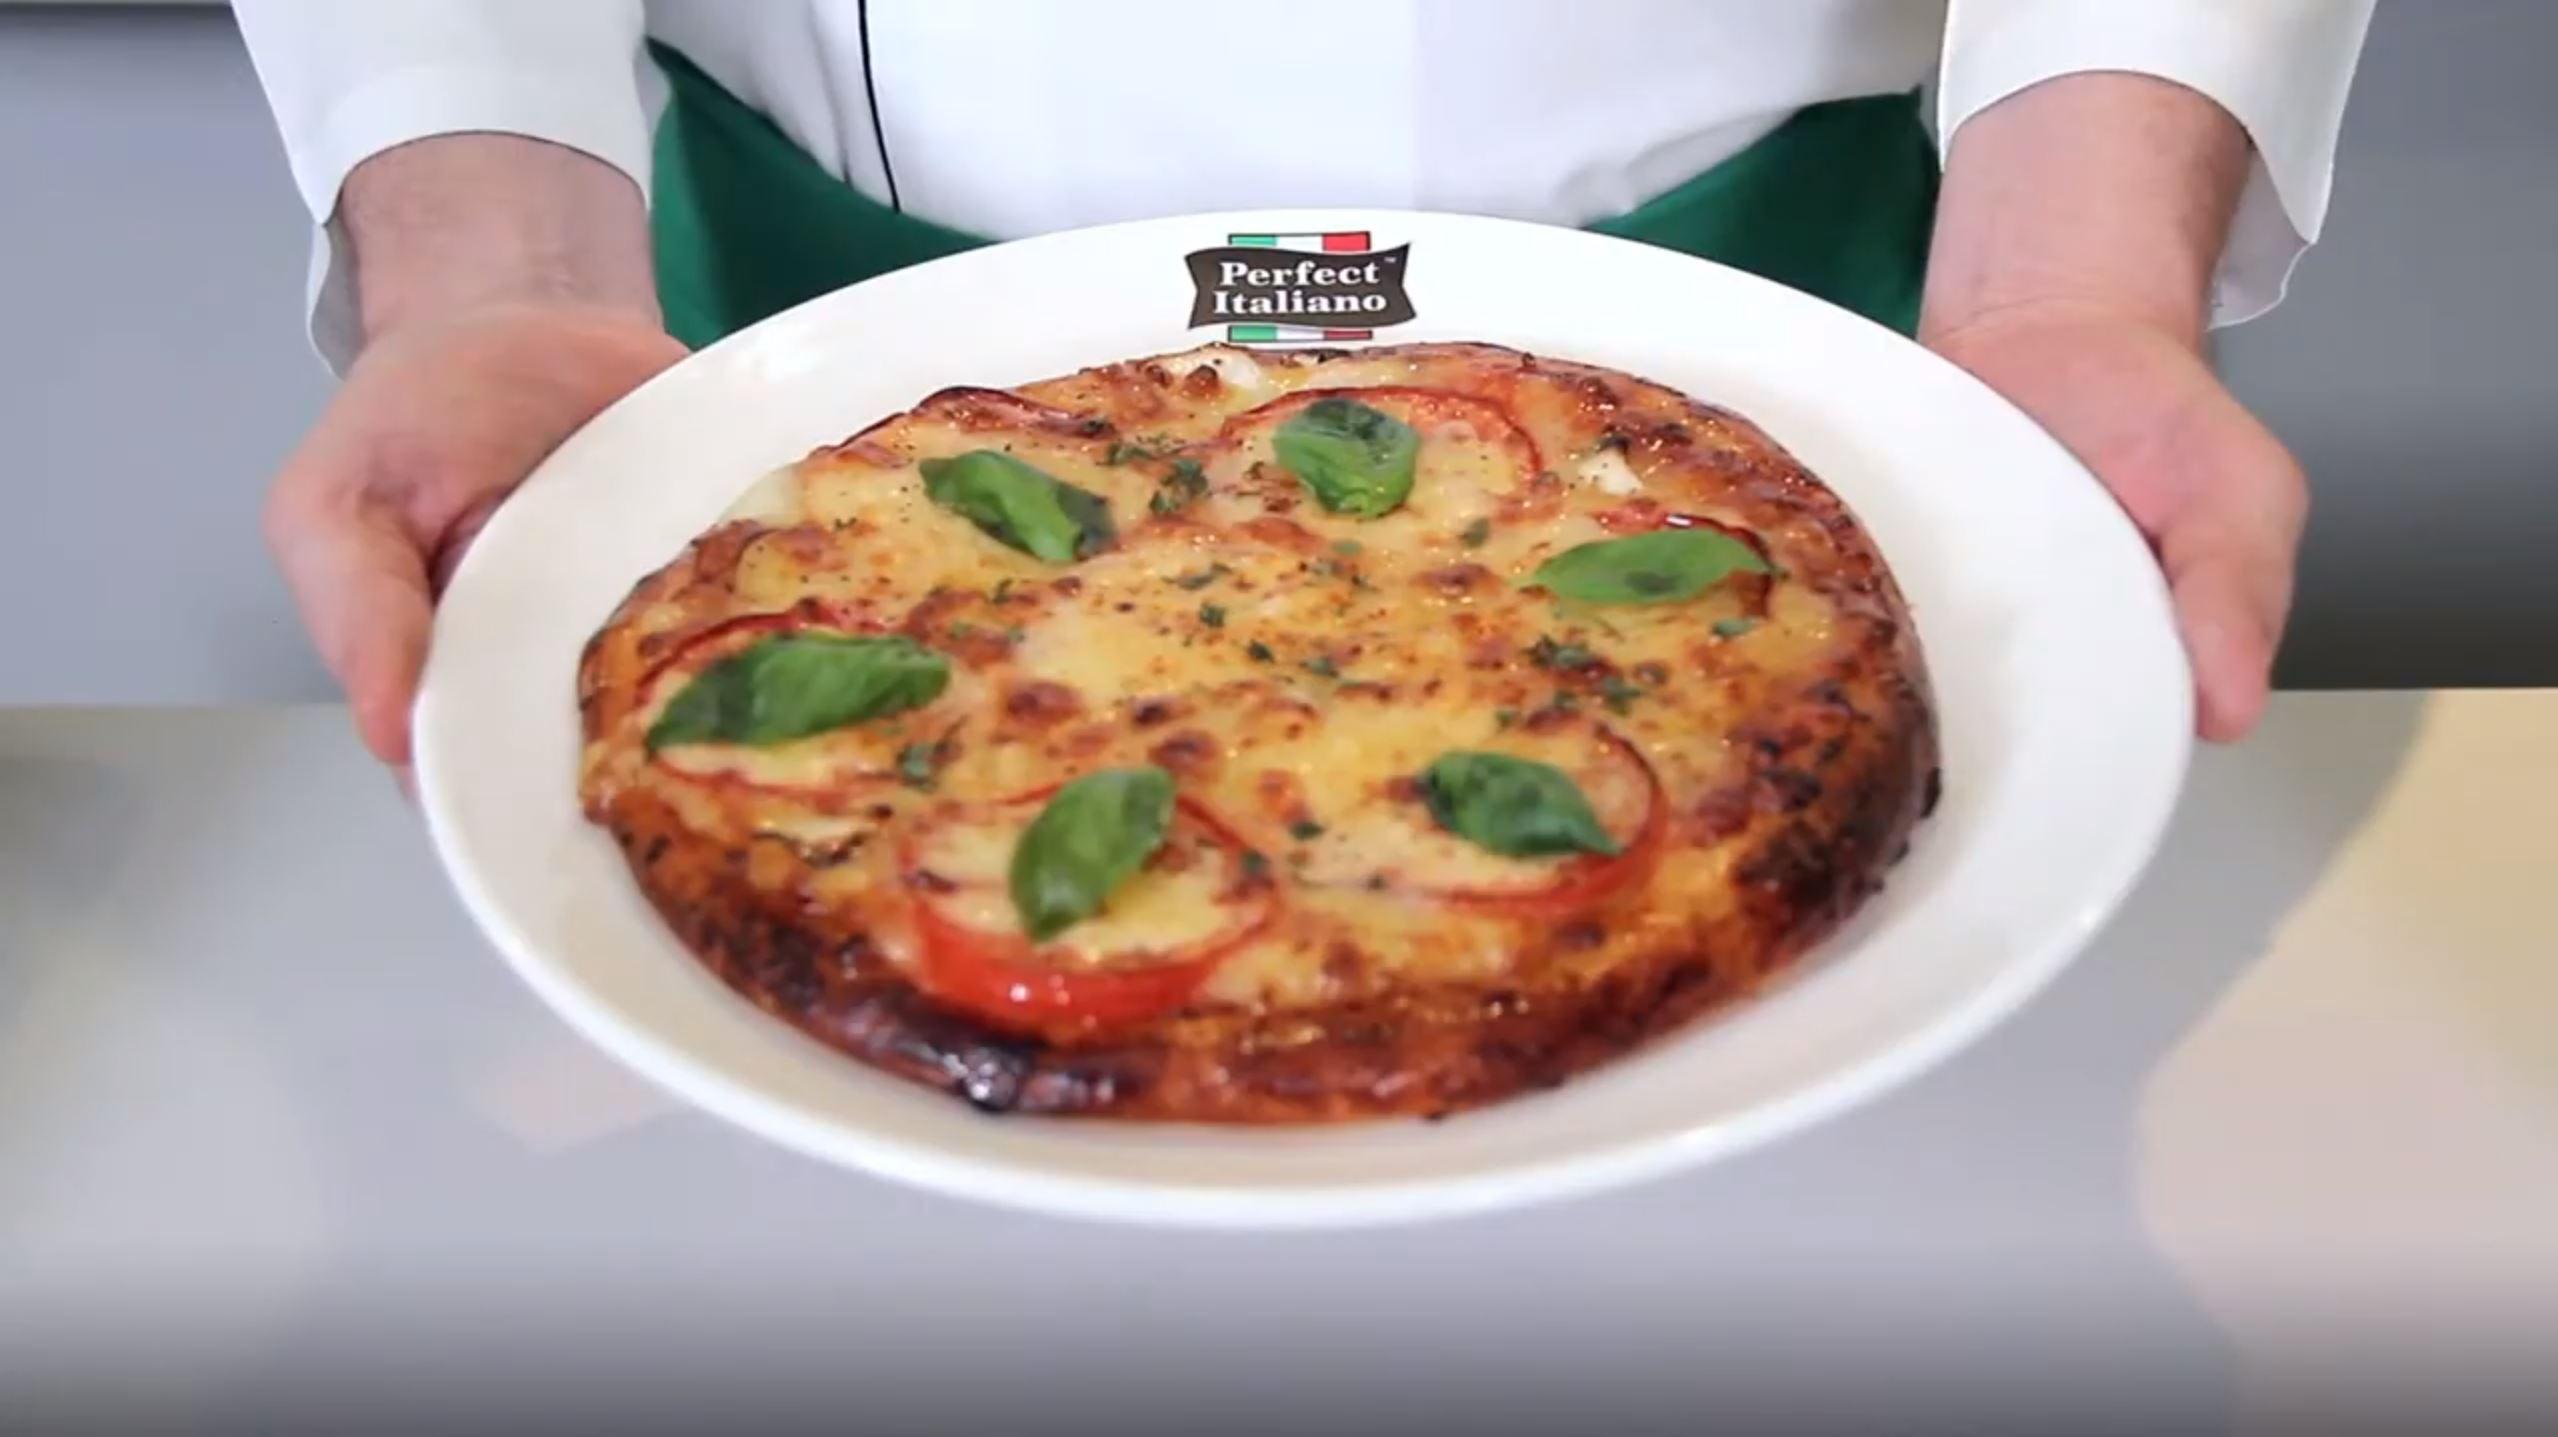 Perfect Italiano - Pizza Margarita